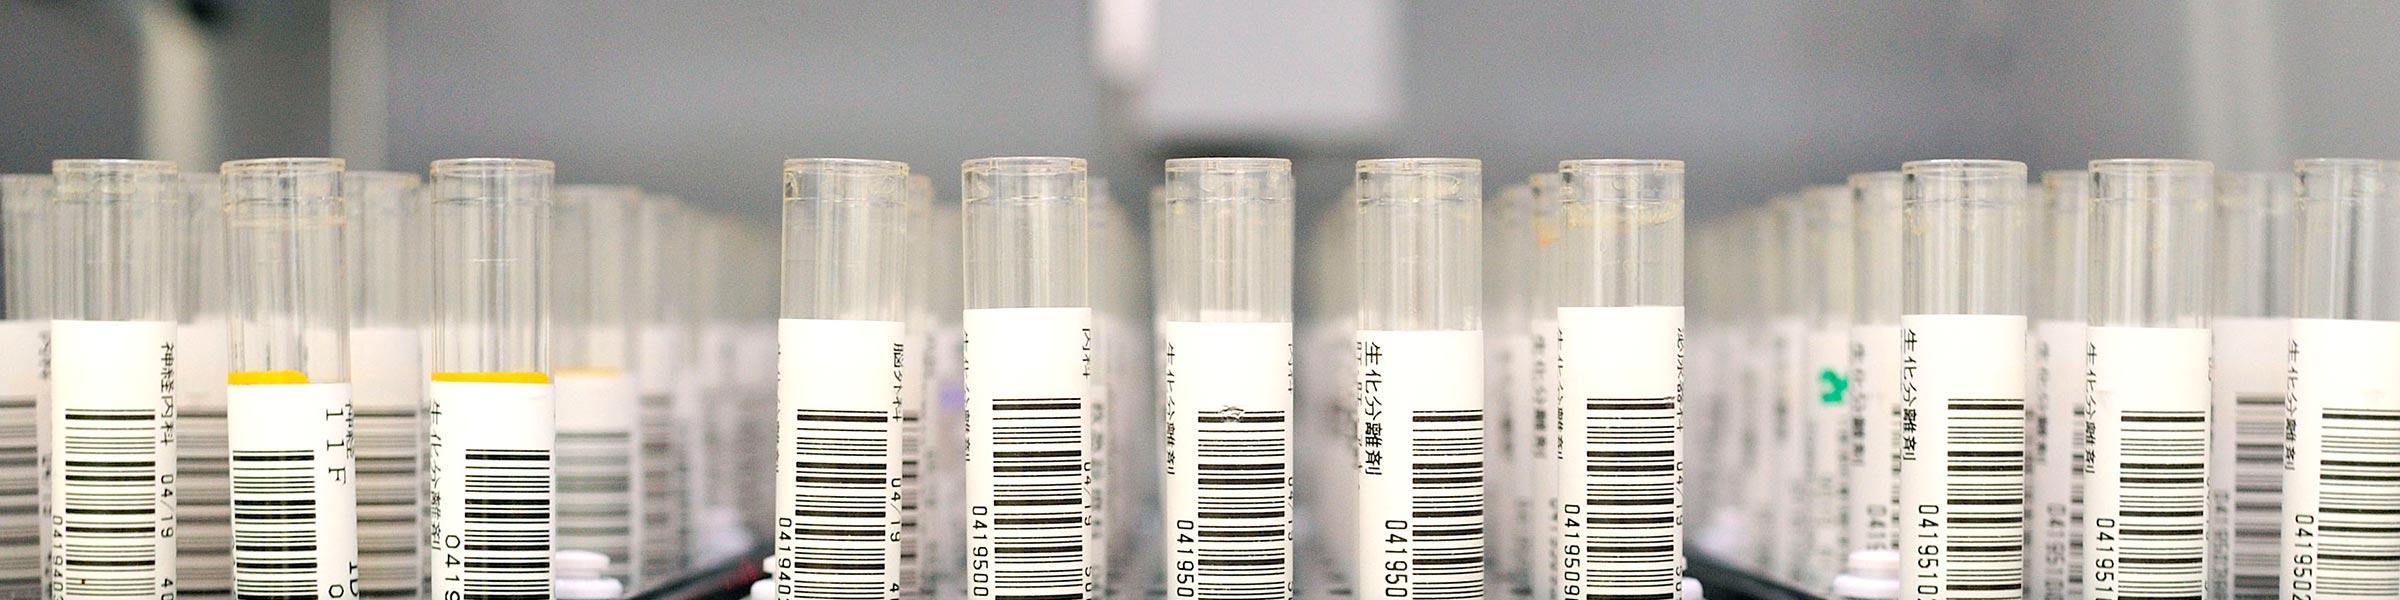 多根総合病院 臨床工学科